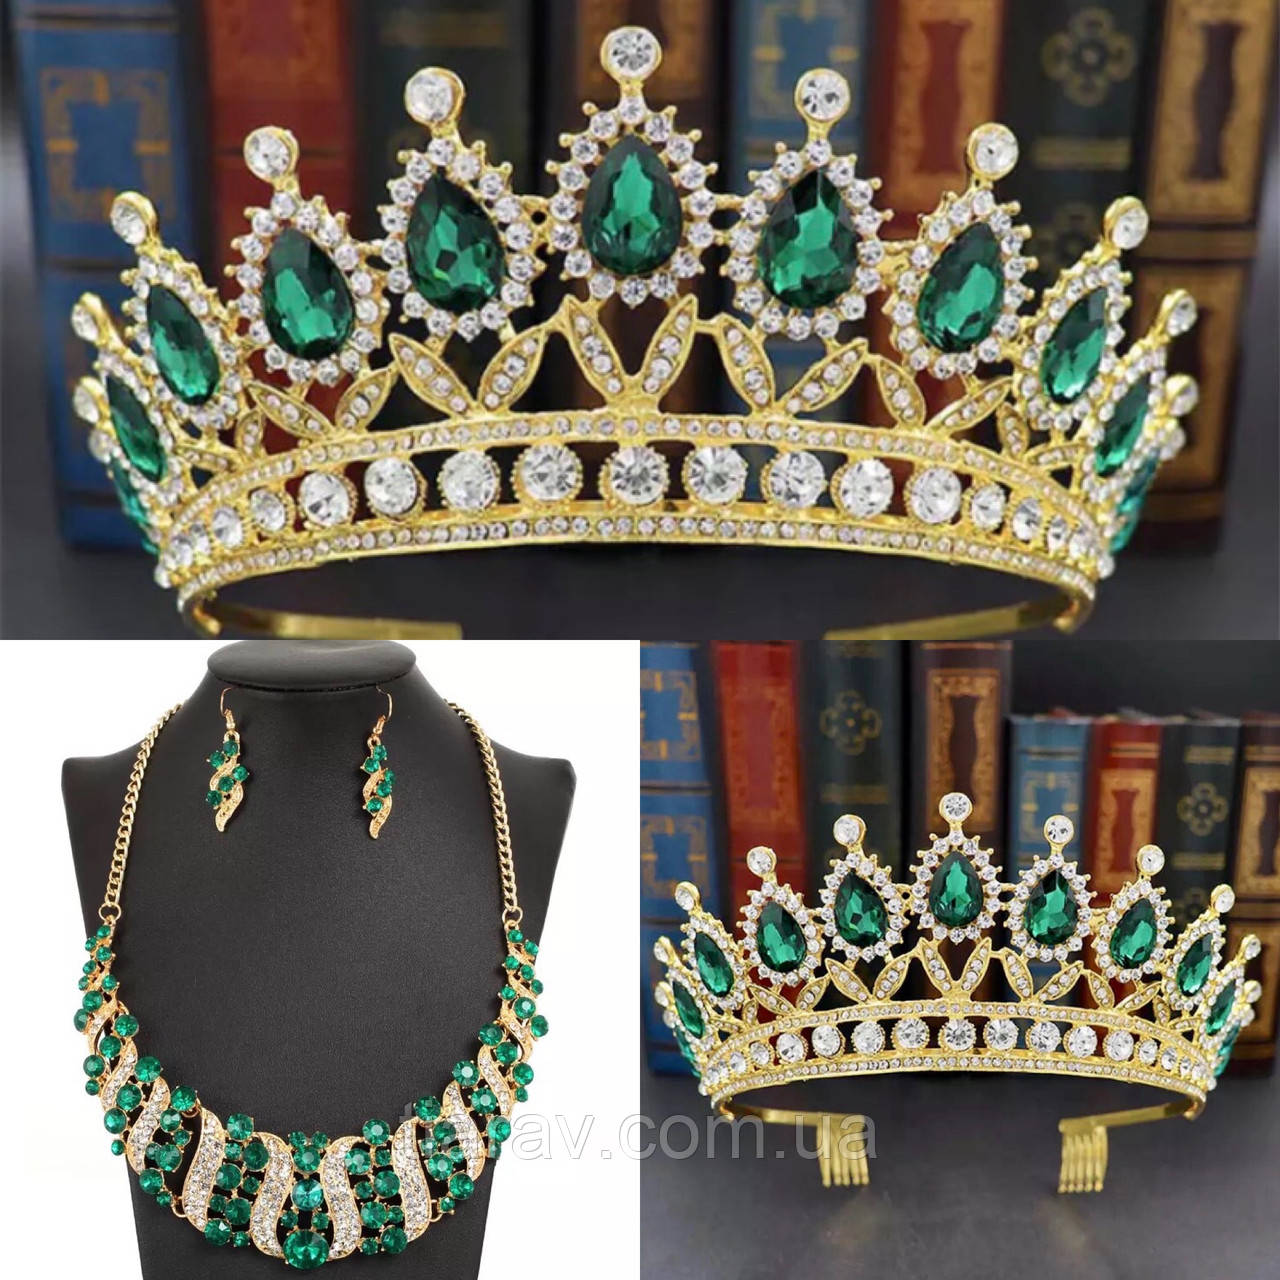 Диадема колье и серьги, набор украшений, корона, тиара